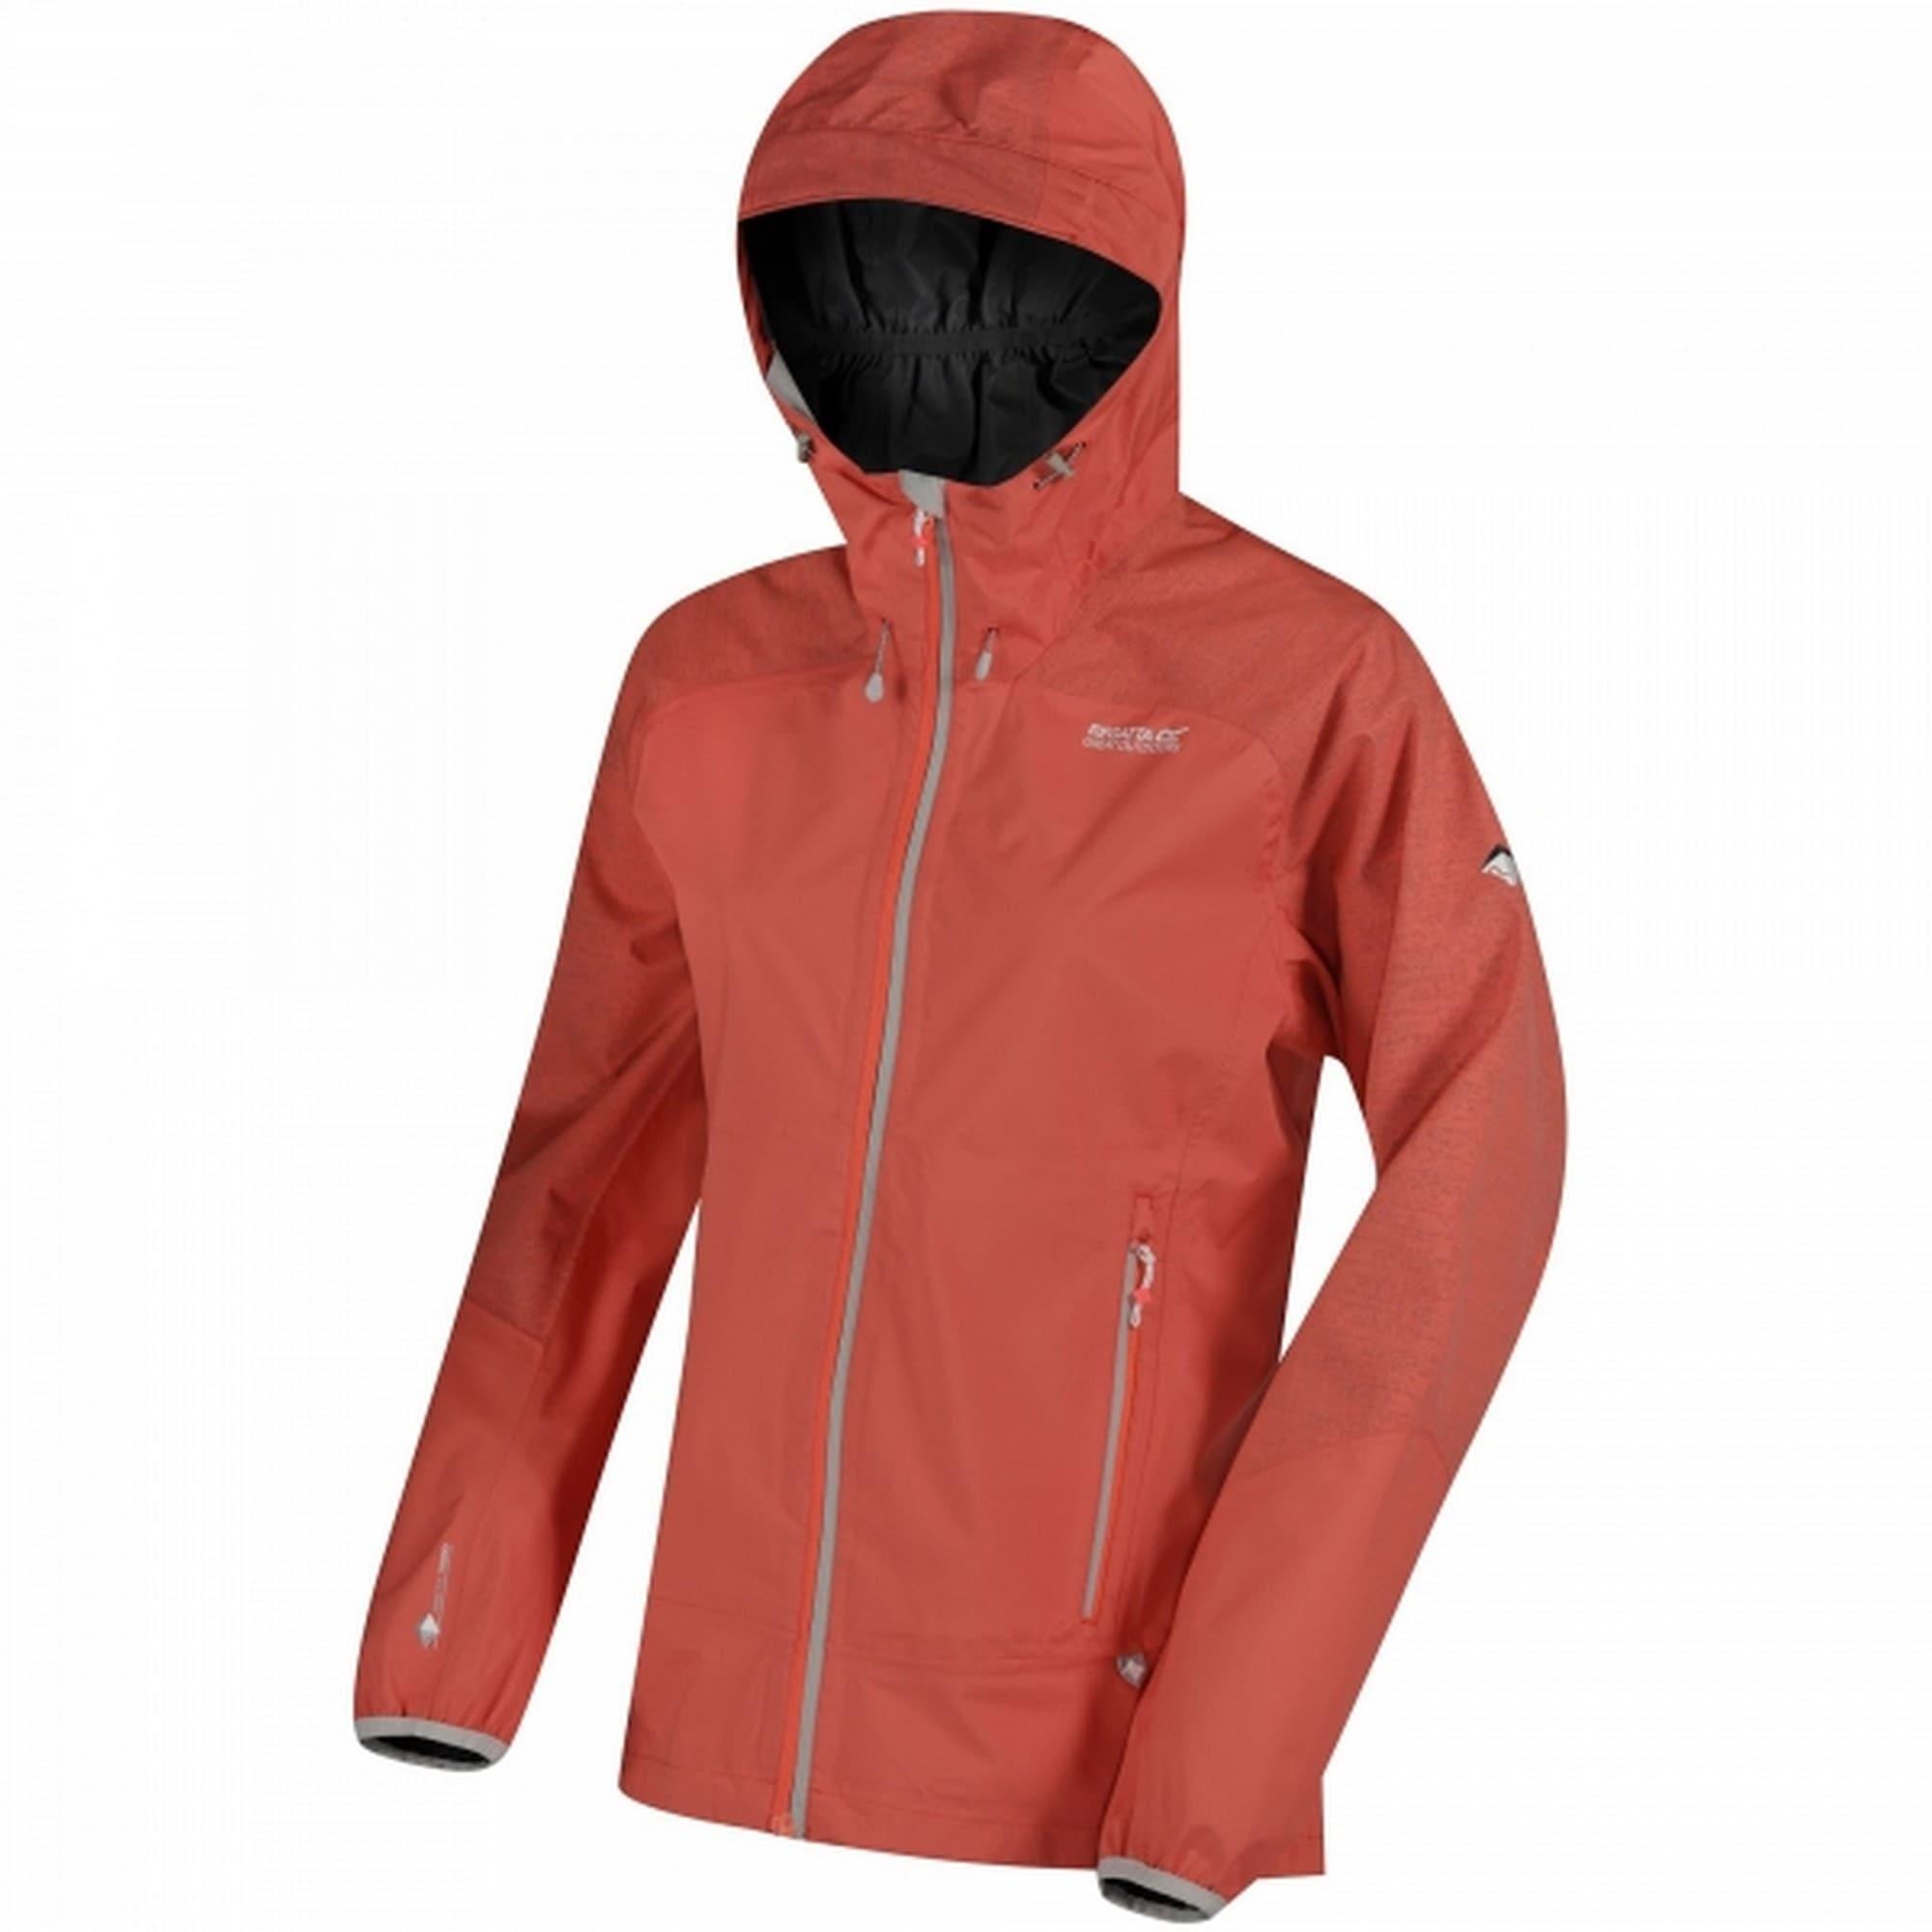 Regatta Allwetterjacke Damen Jacke Montegra, mit Kapuze, wasserfest rot Outdoorbekleidung